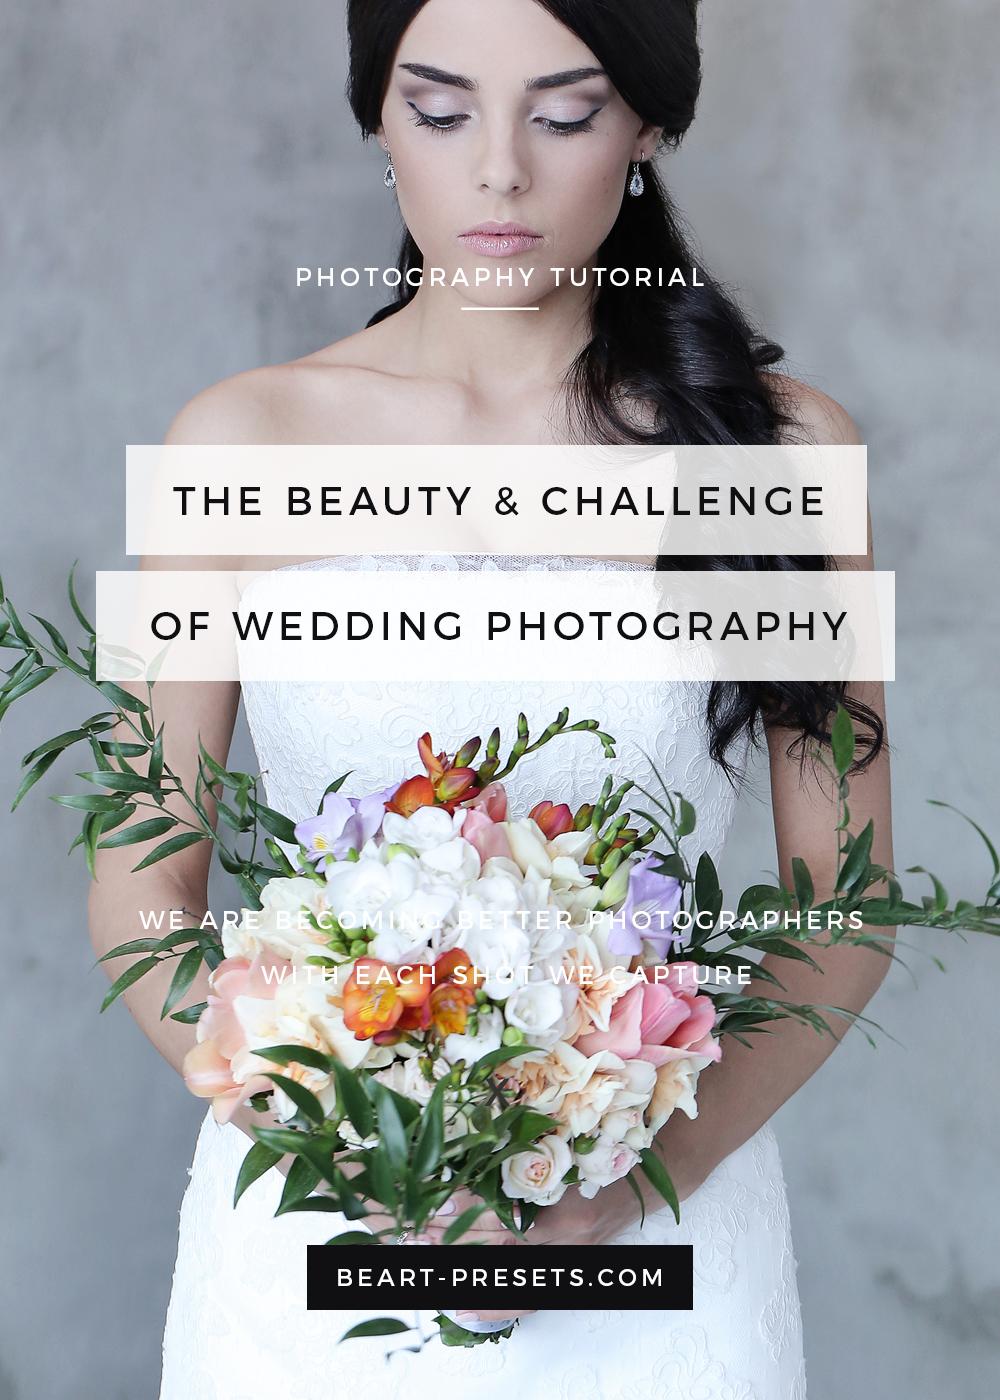 Challenge of Wedding Photography